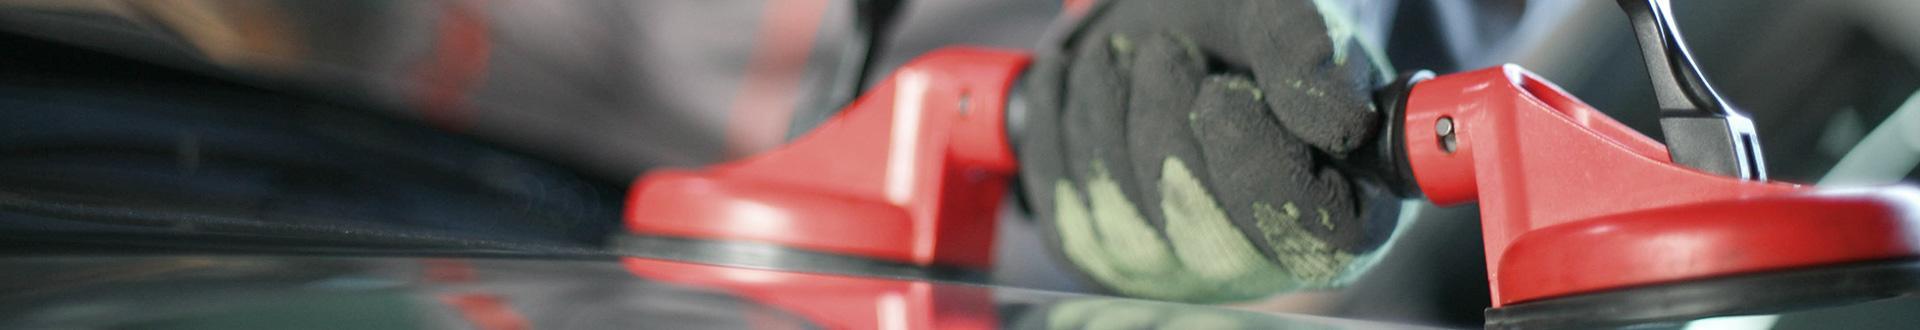 demontaż szyby samochodwej